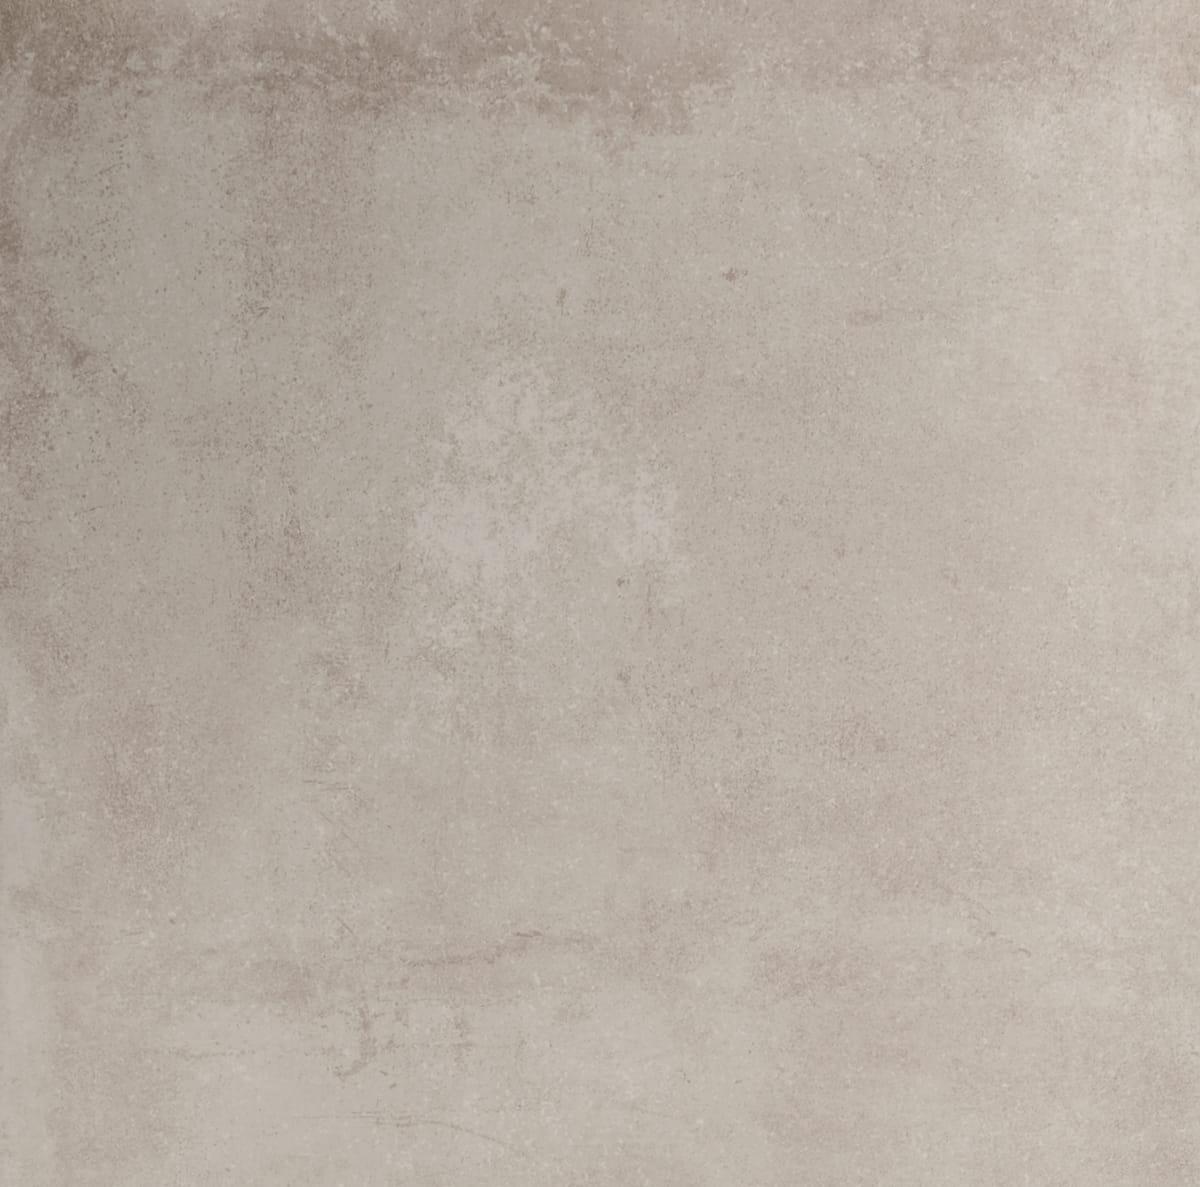 FOTO brooklin beige 75x75 20mm